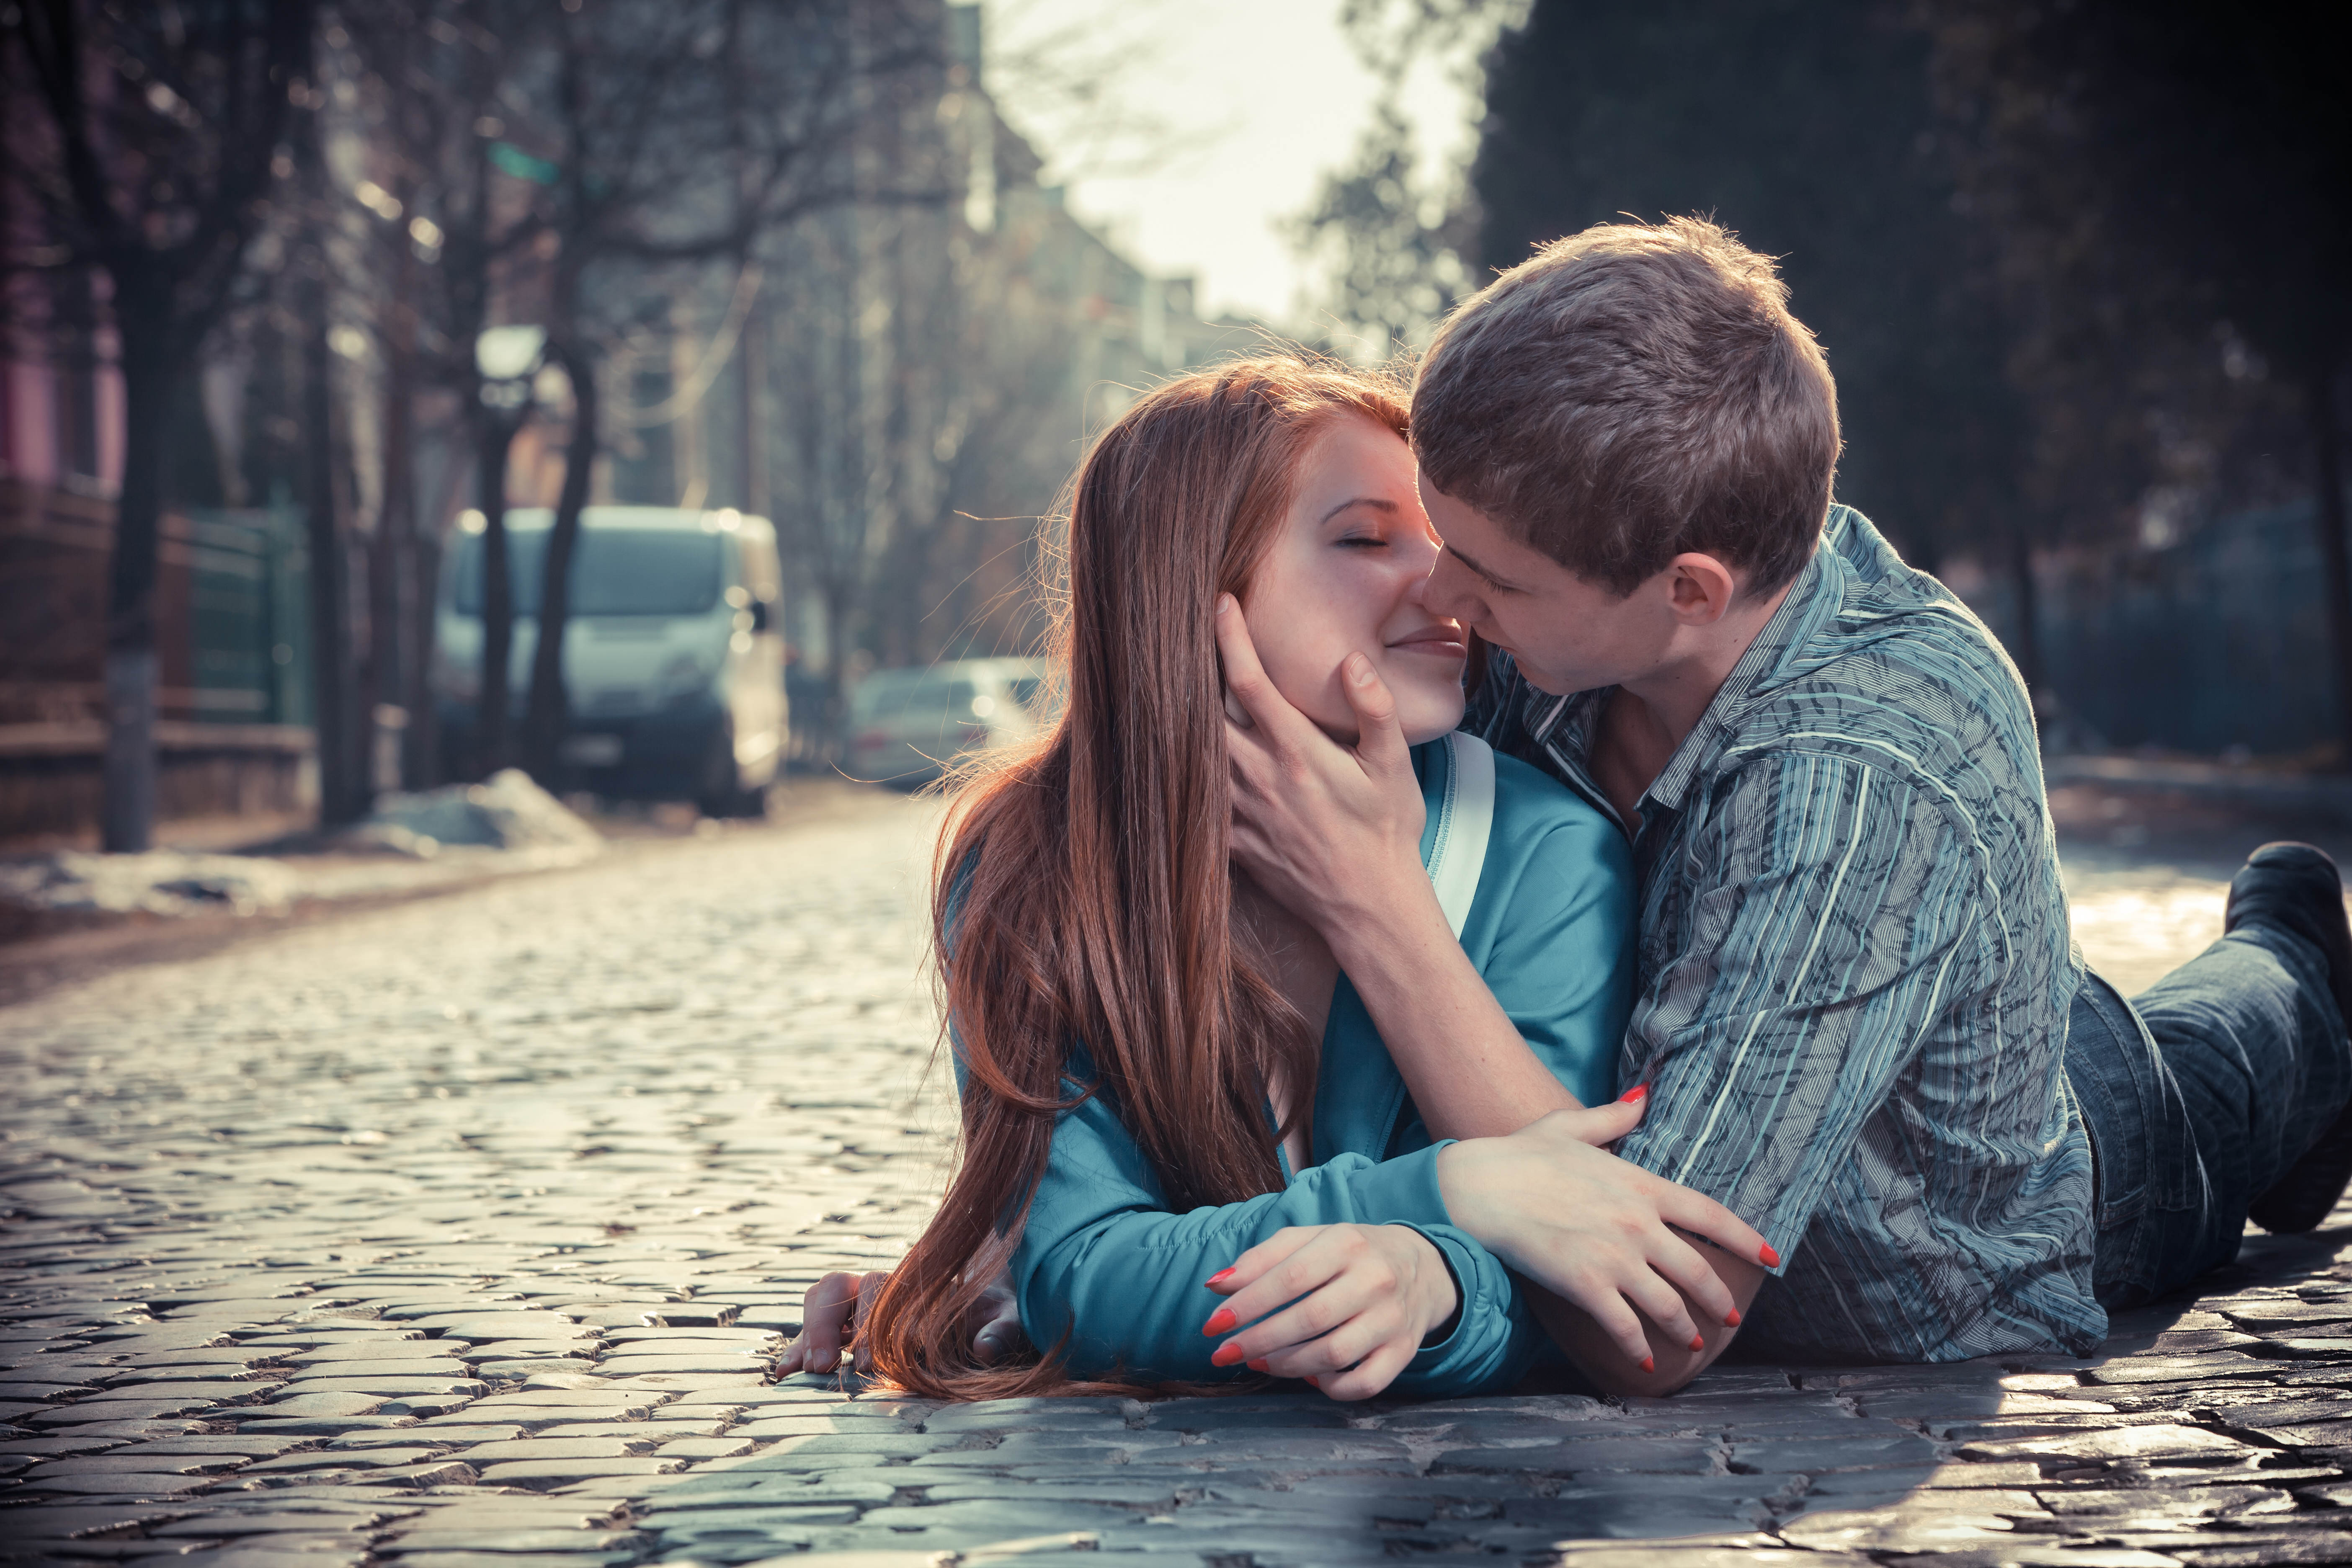 Фото где девушку целует 5 фотография